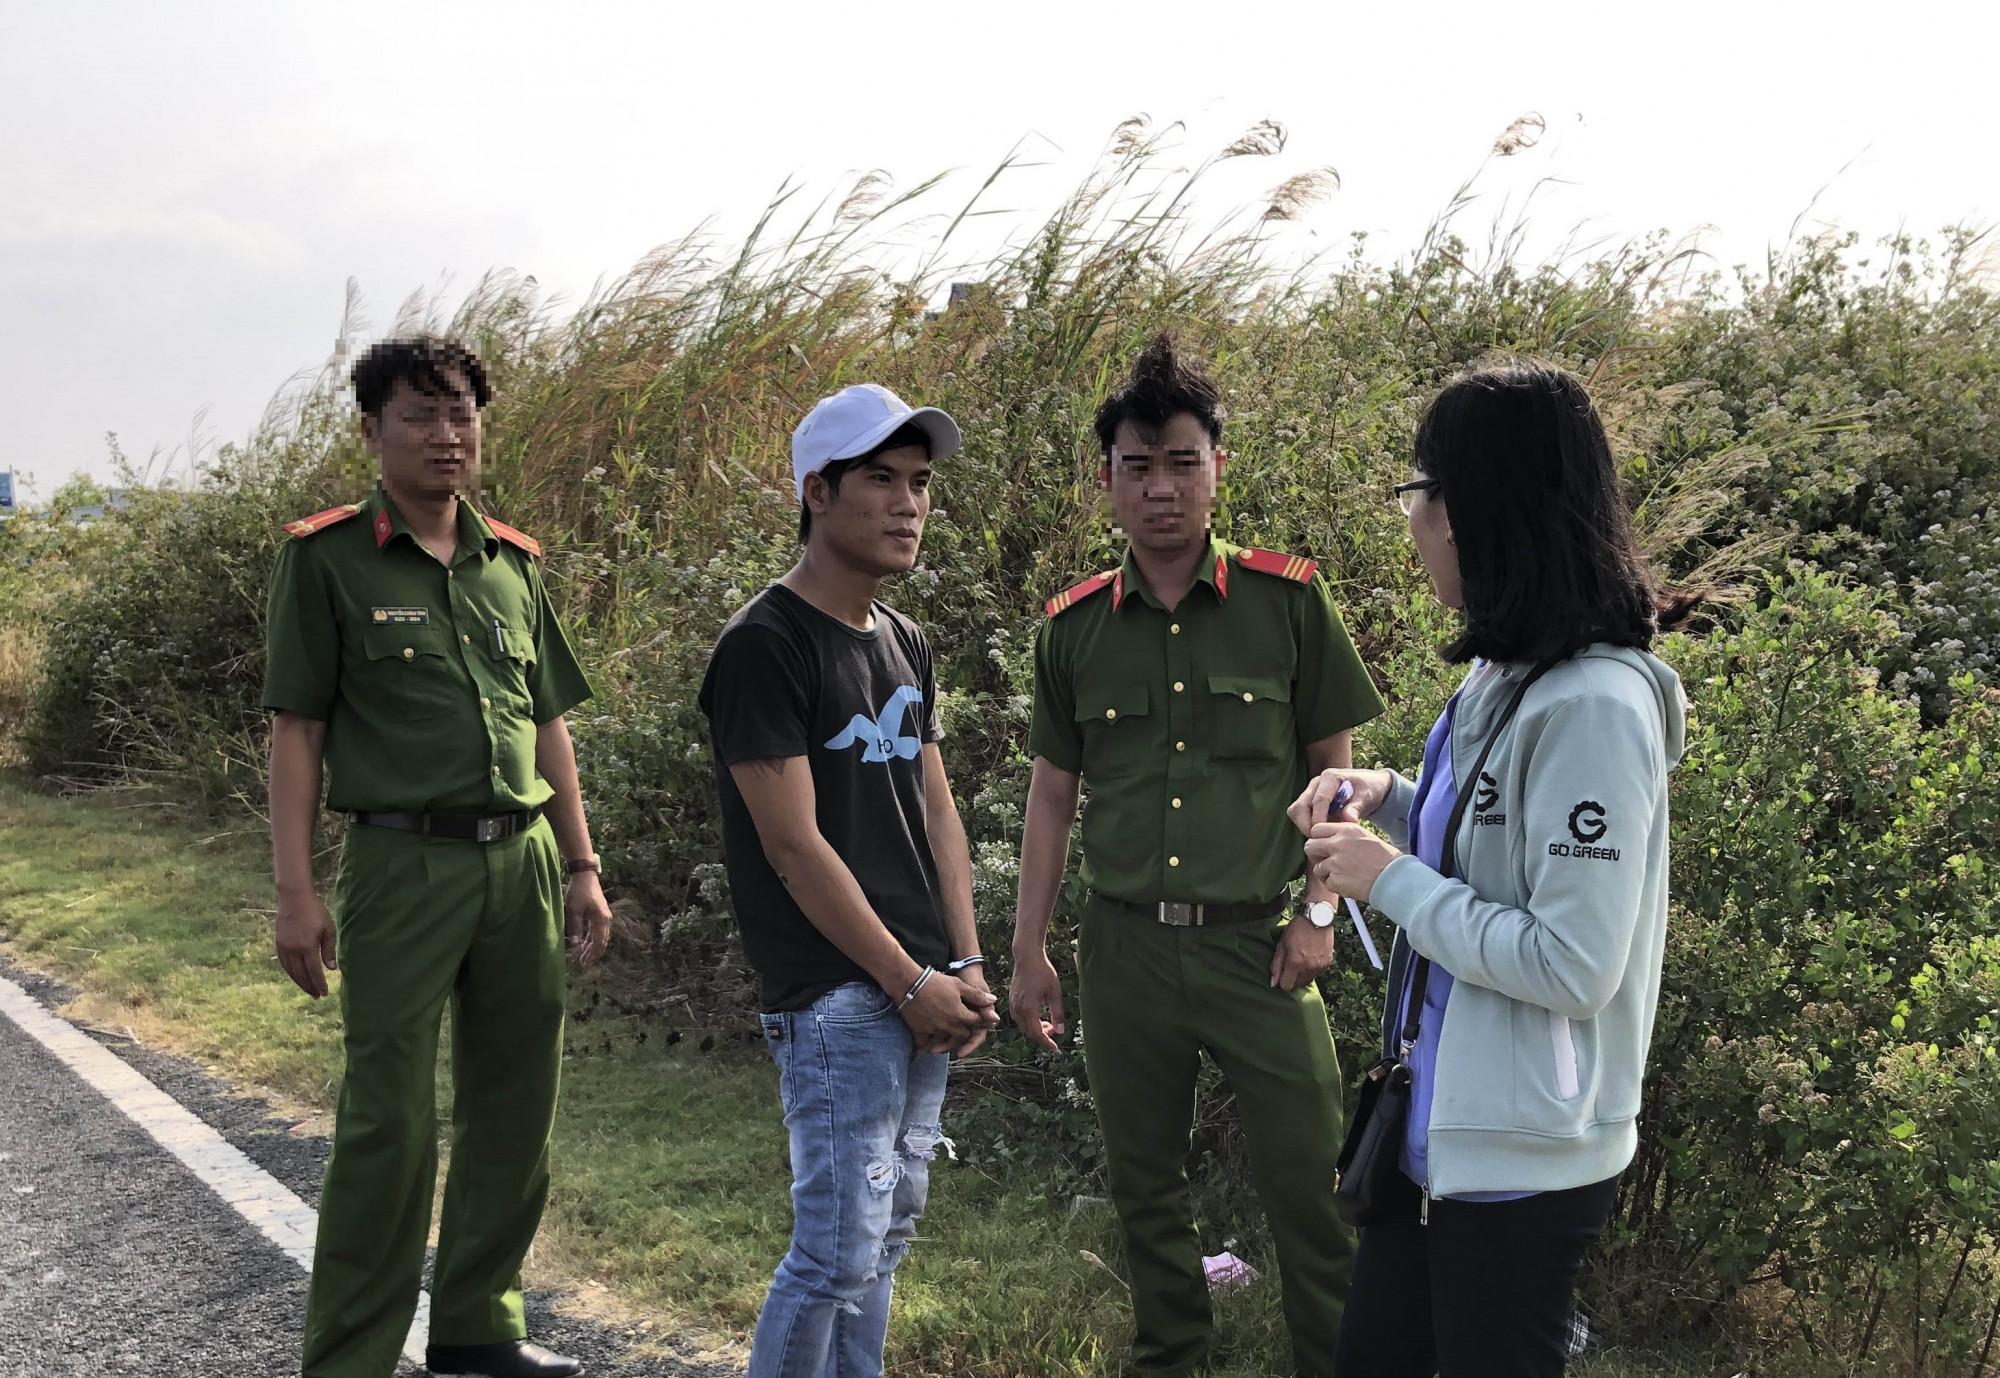 Đối tượng Nguyễn Văn Hải (áo đen ở giữa) đã thừa nhận hành vi phạm tội - Ảnh: Hoàng Giang.